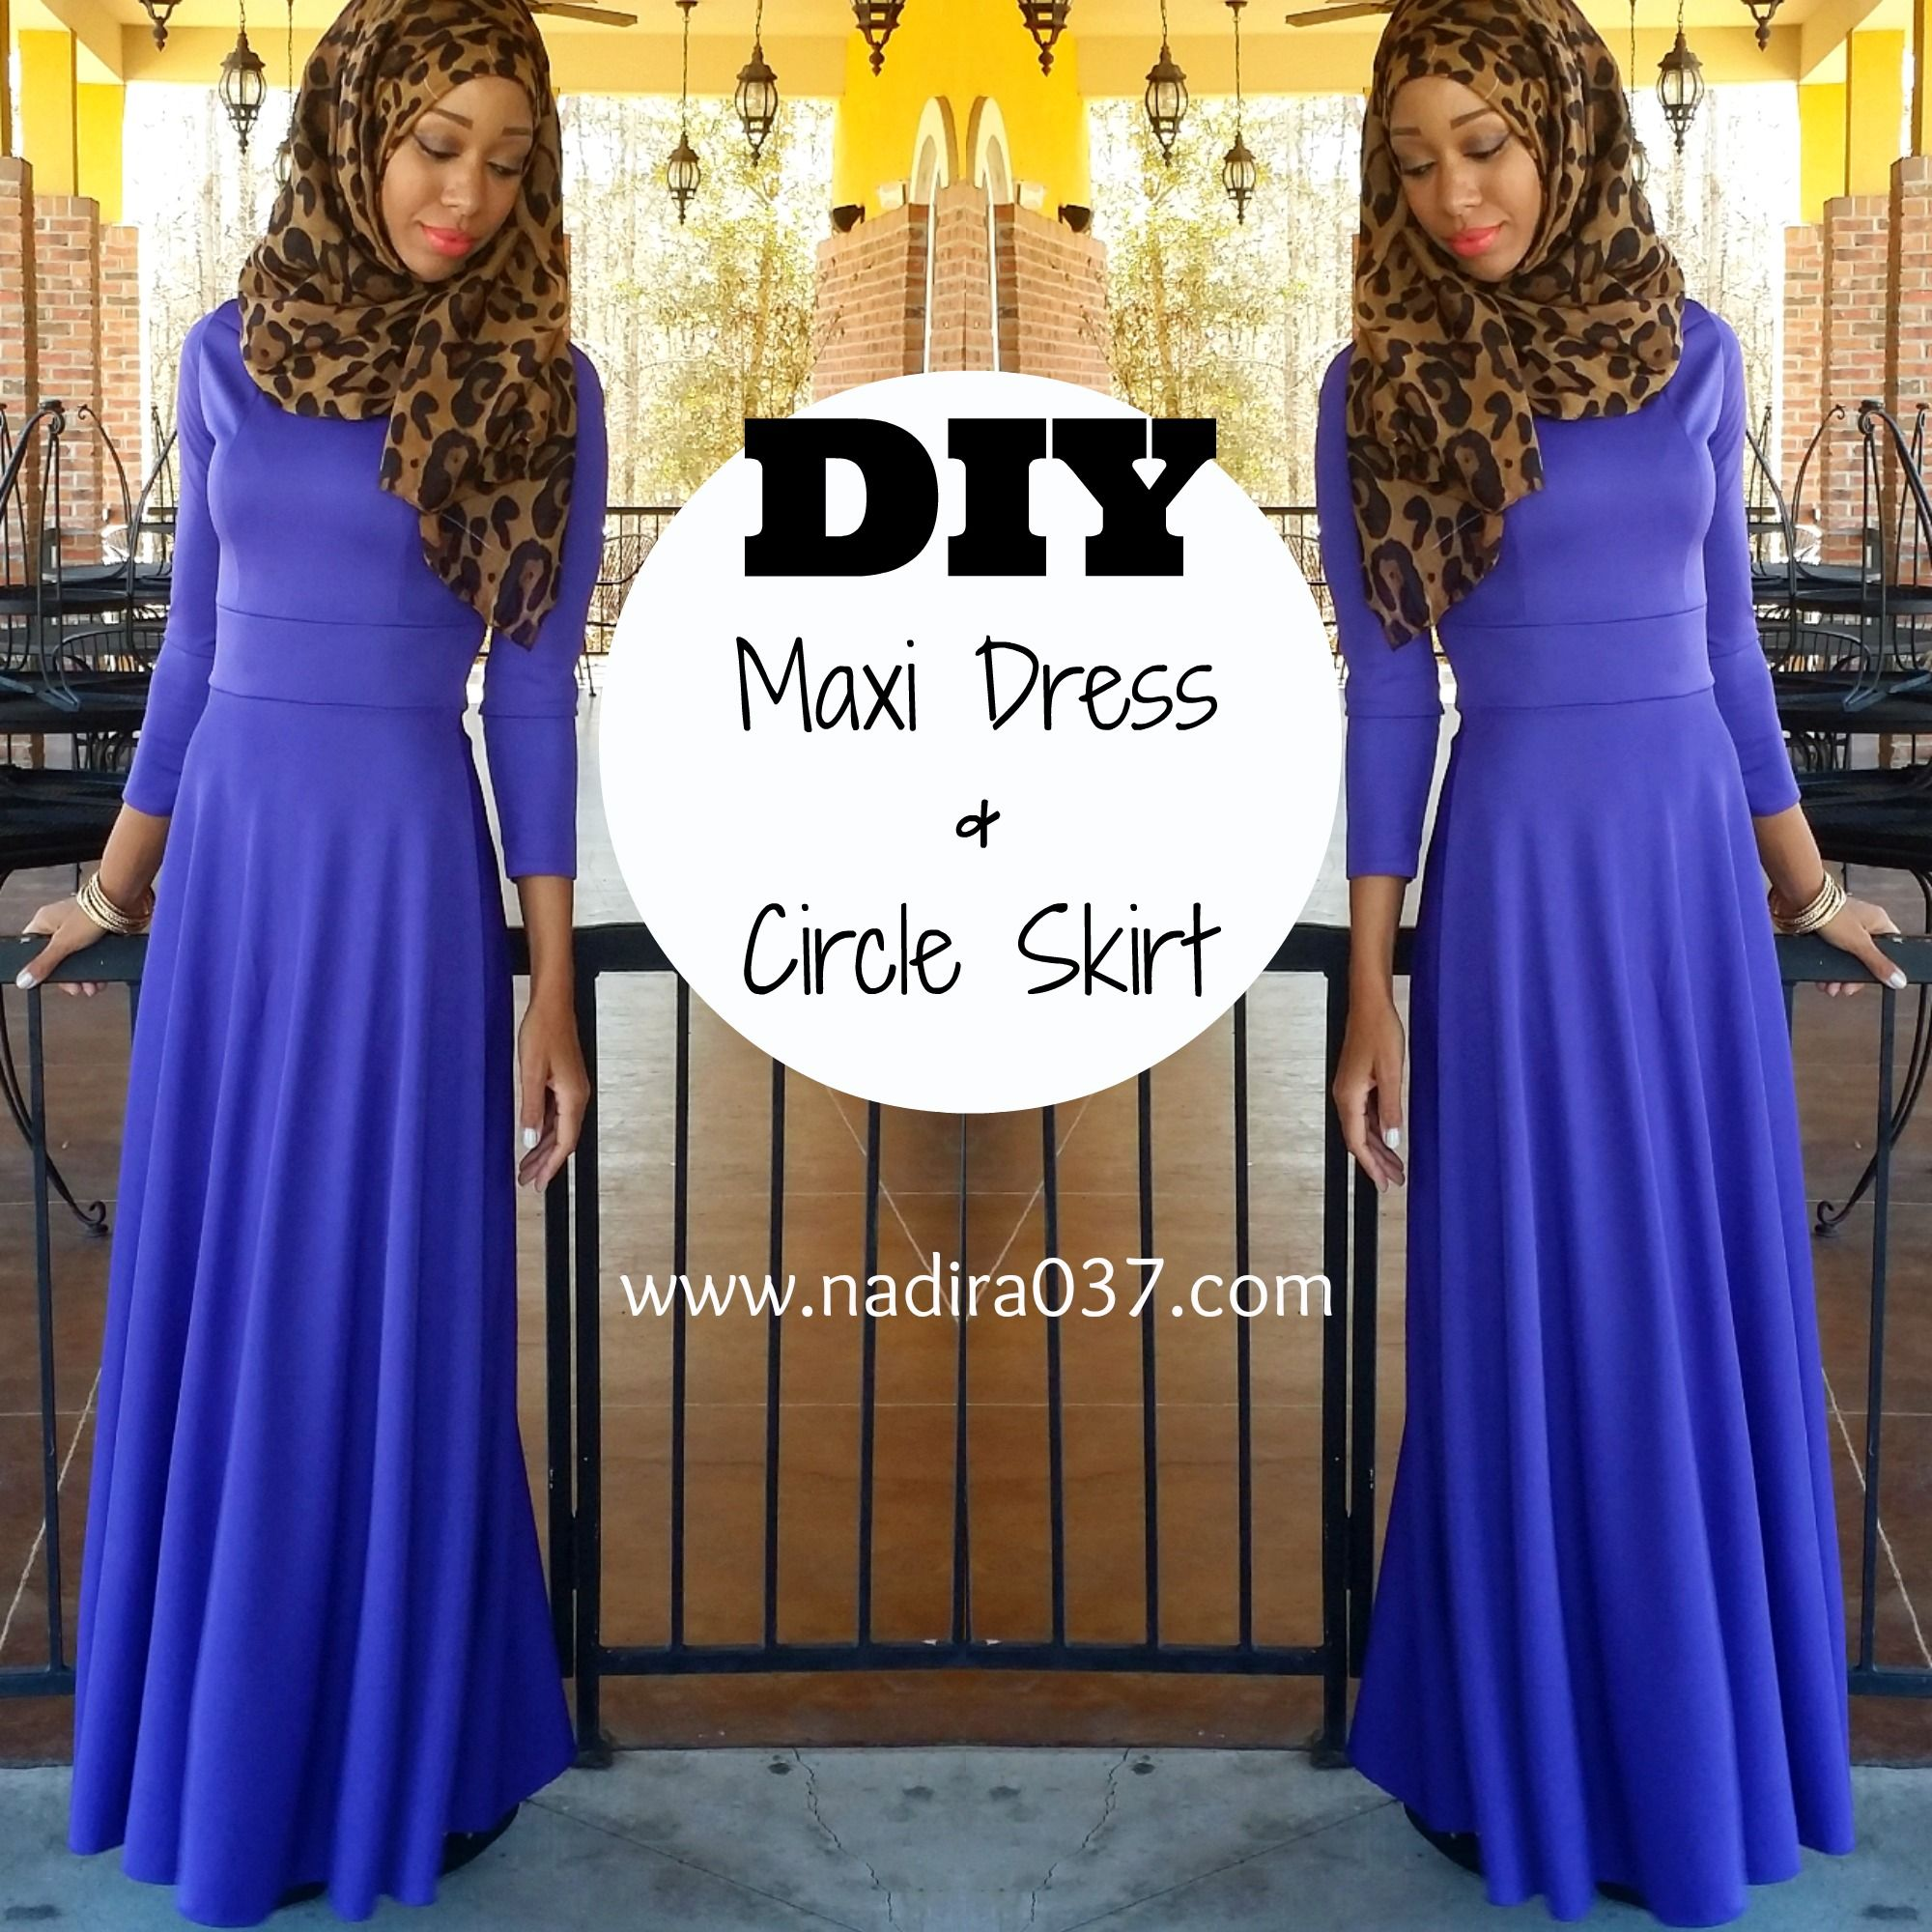 DIY Maxi Dress Pattern